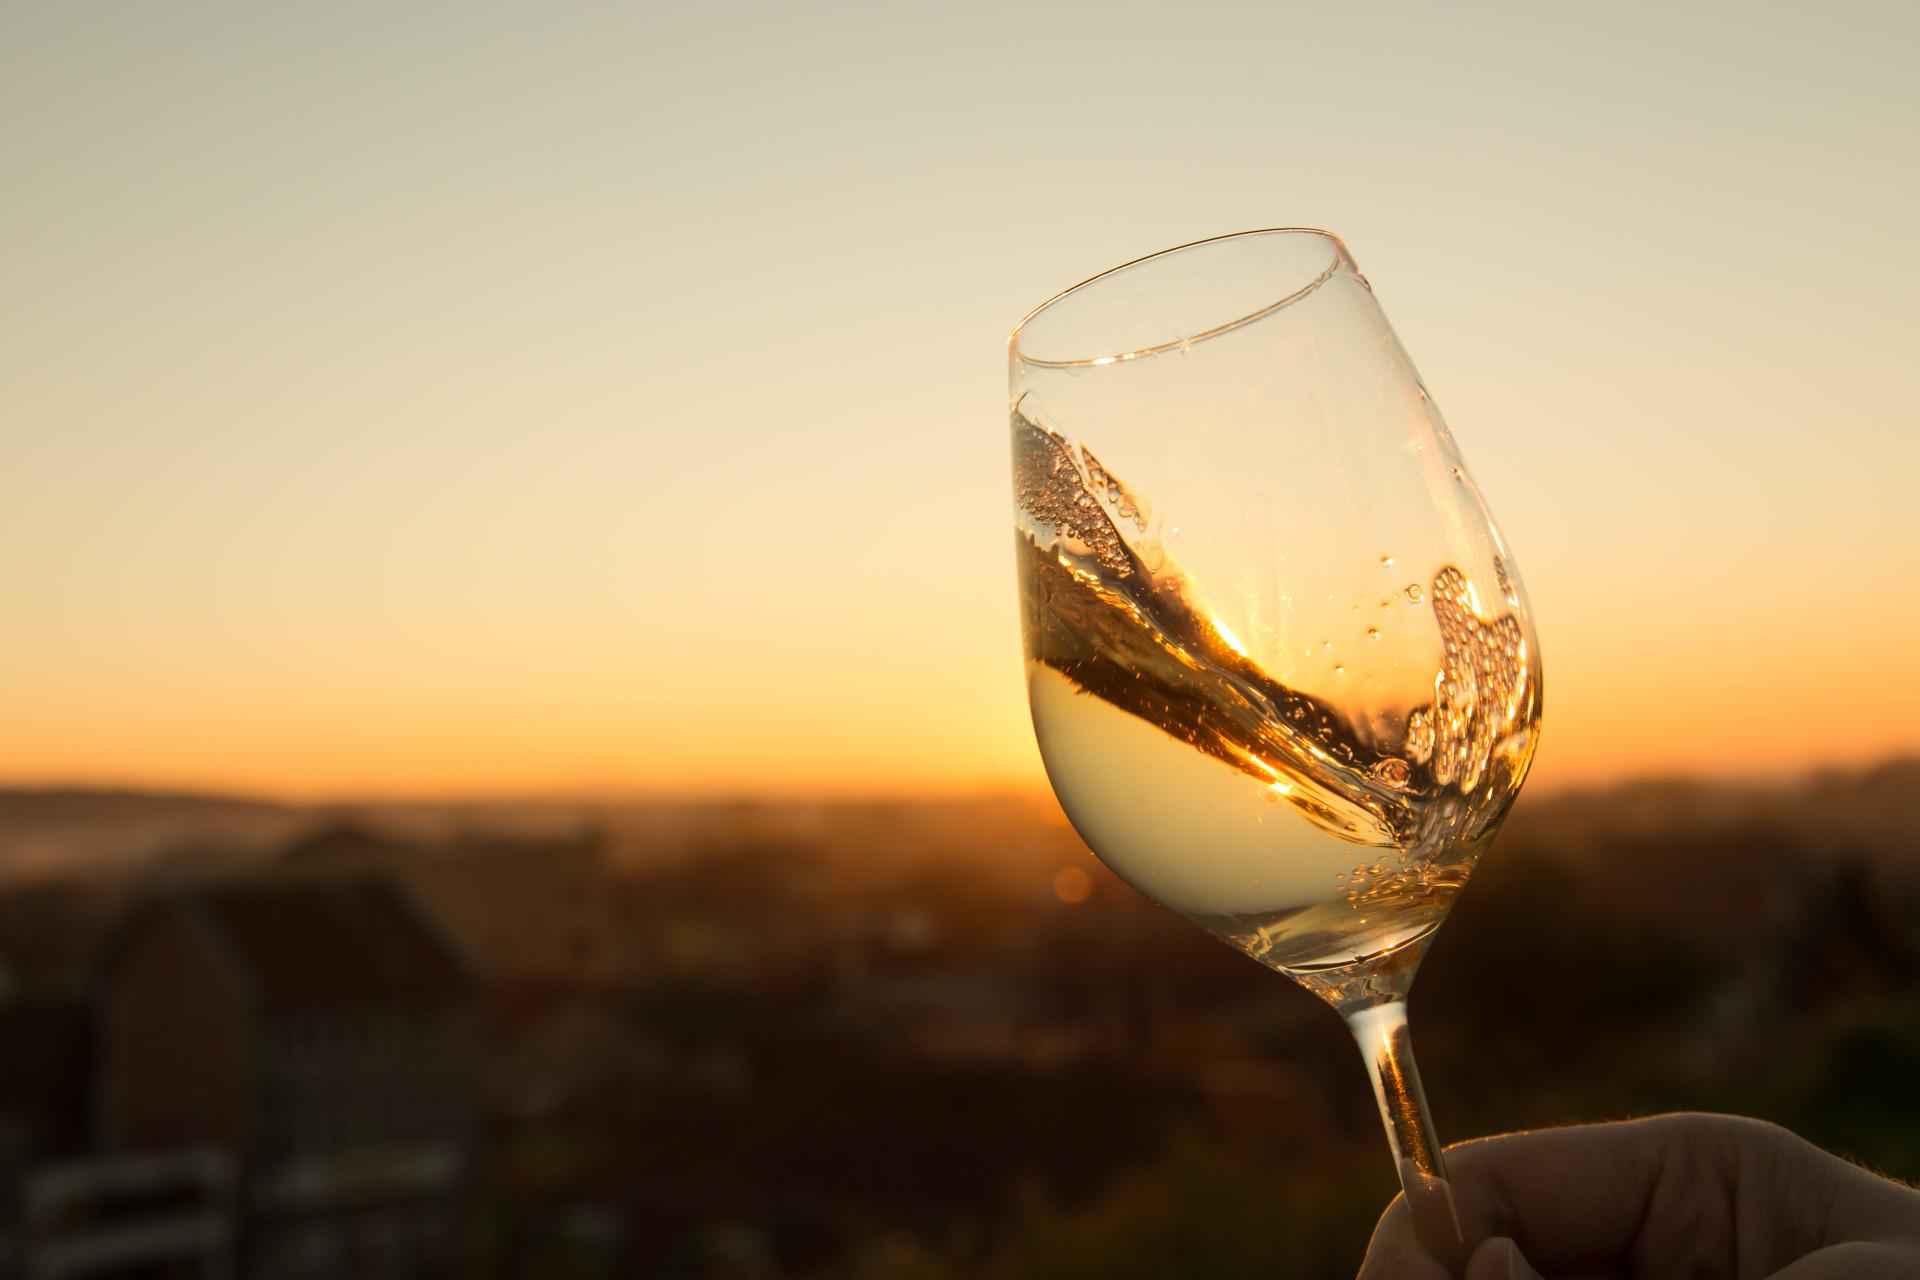 Os vinhos e as comidas que fazem um par perfeito